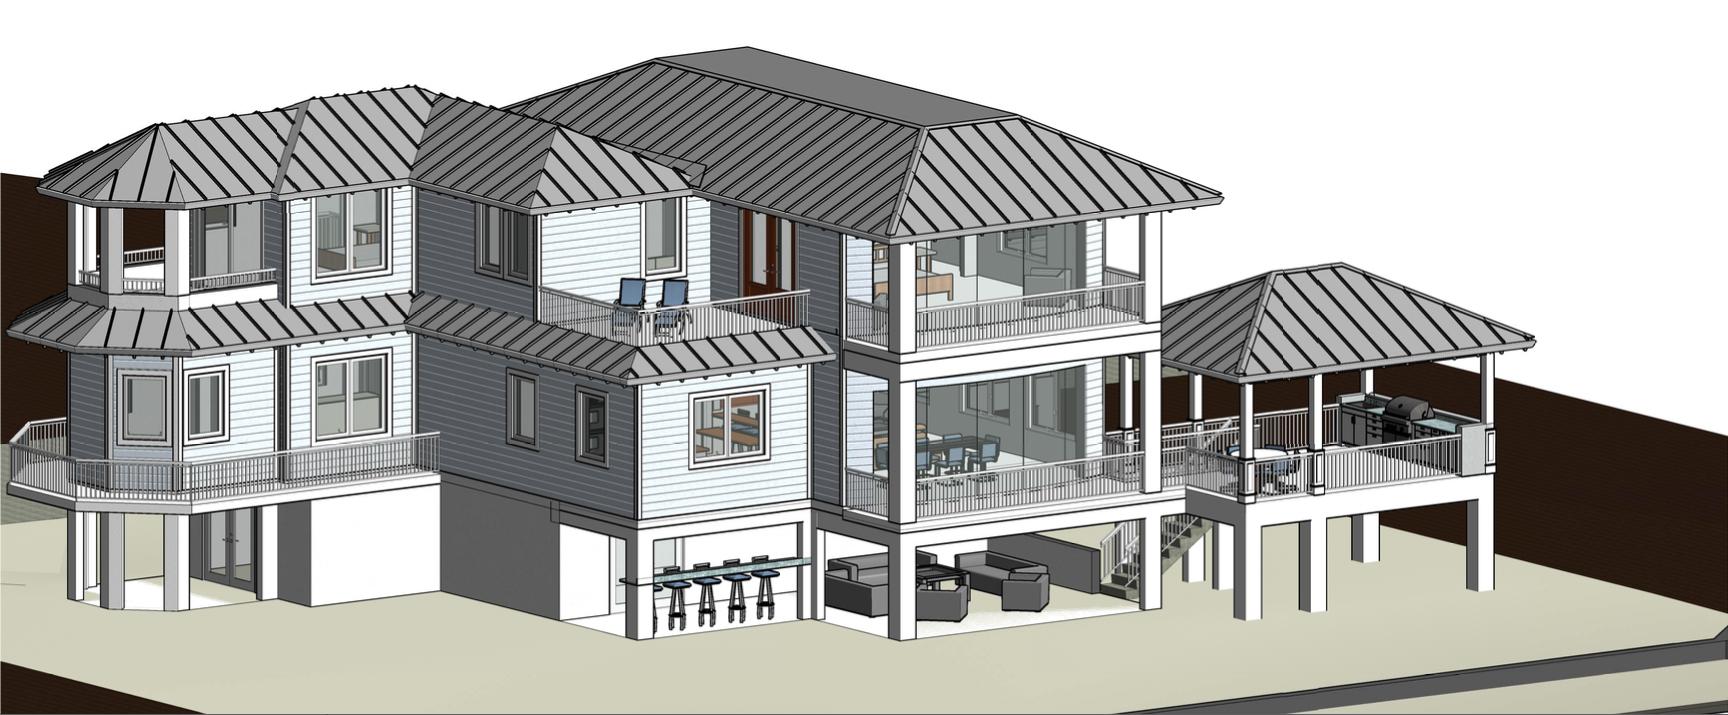 Casa Del Sol rendering - Back View